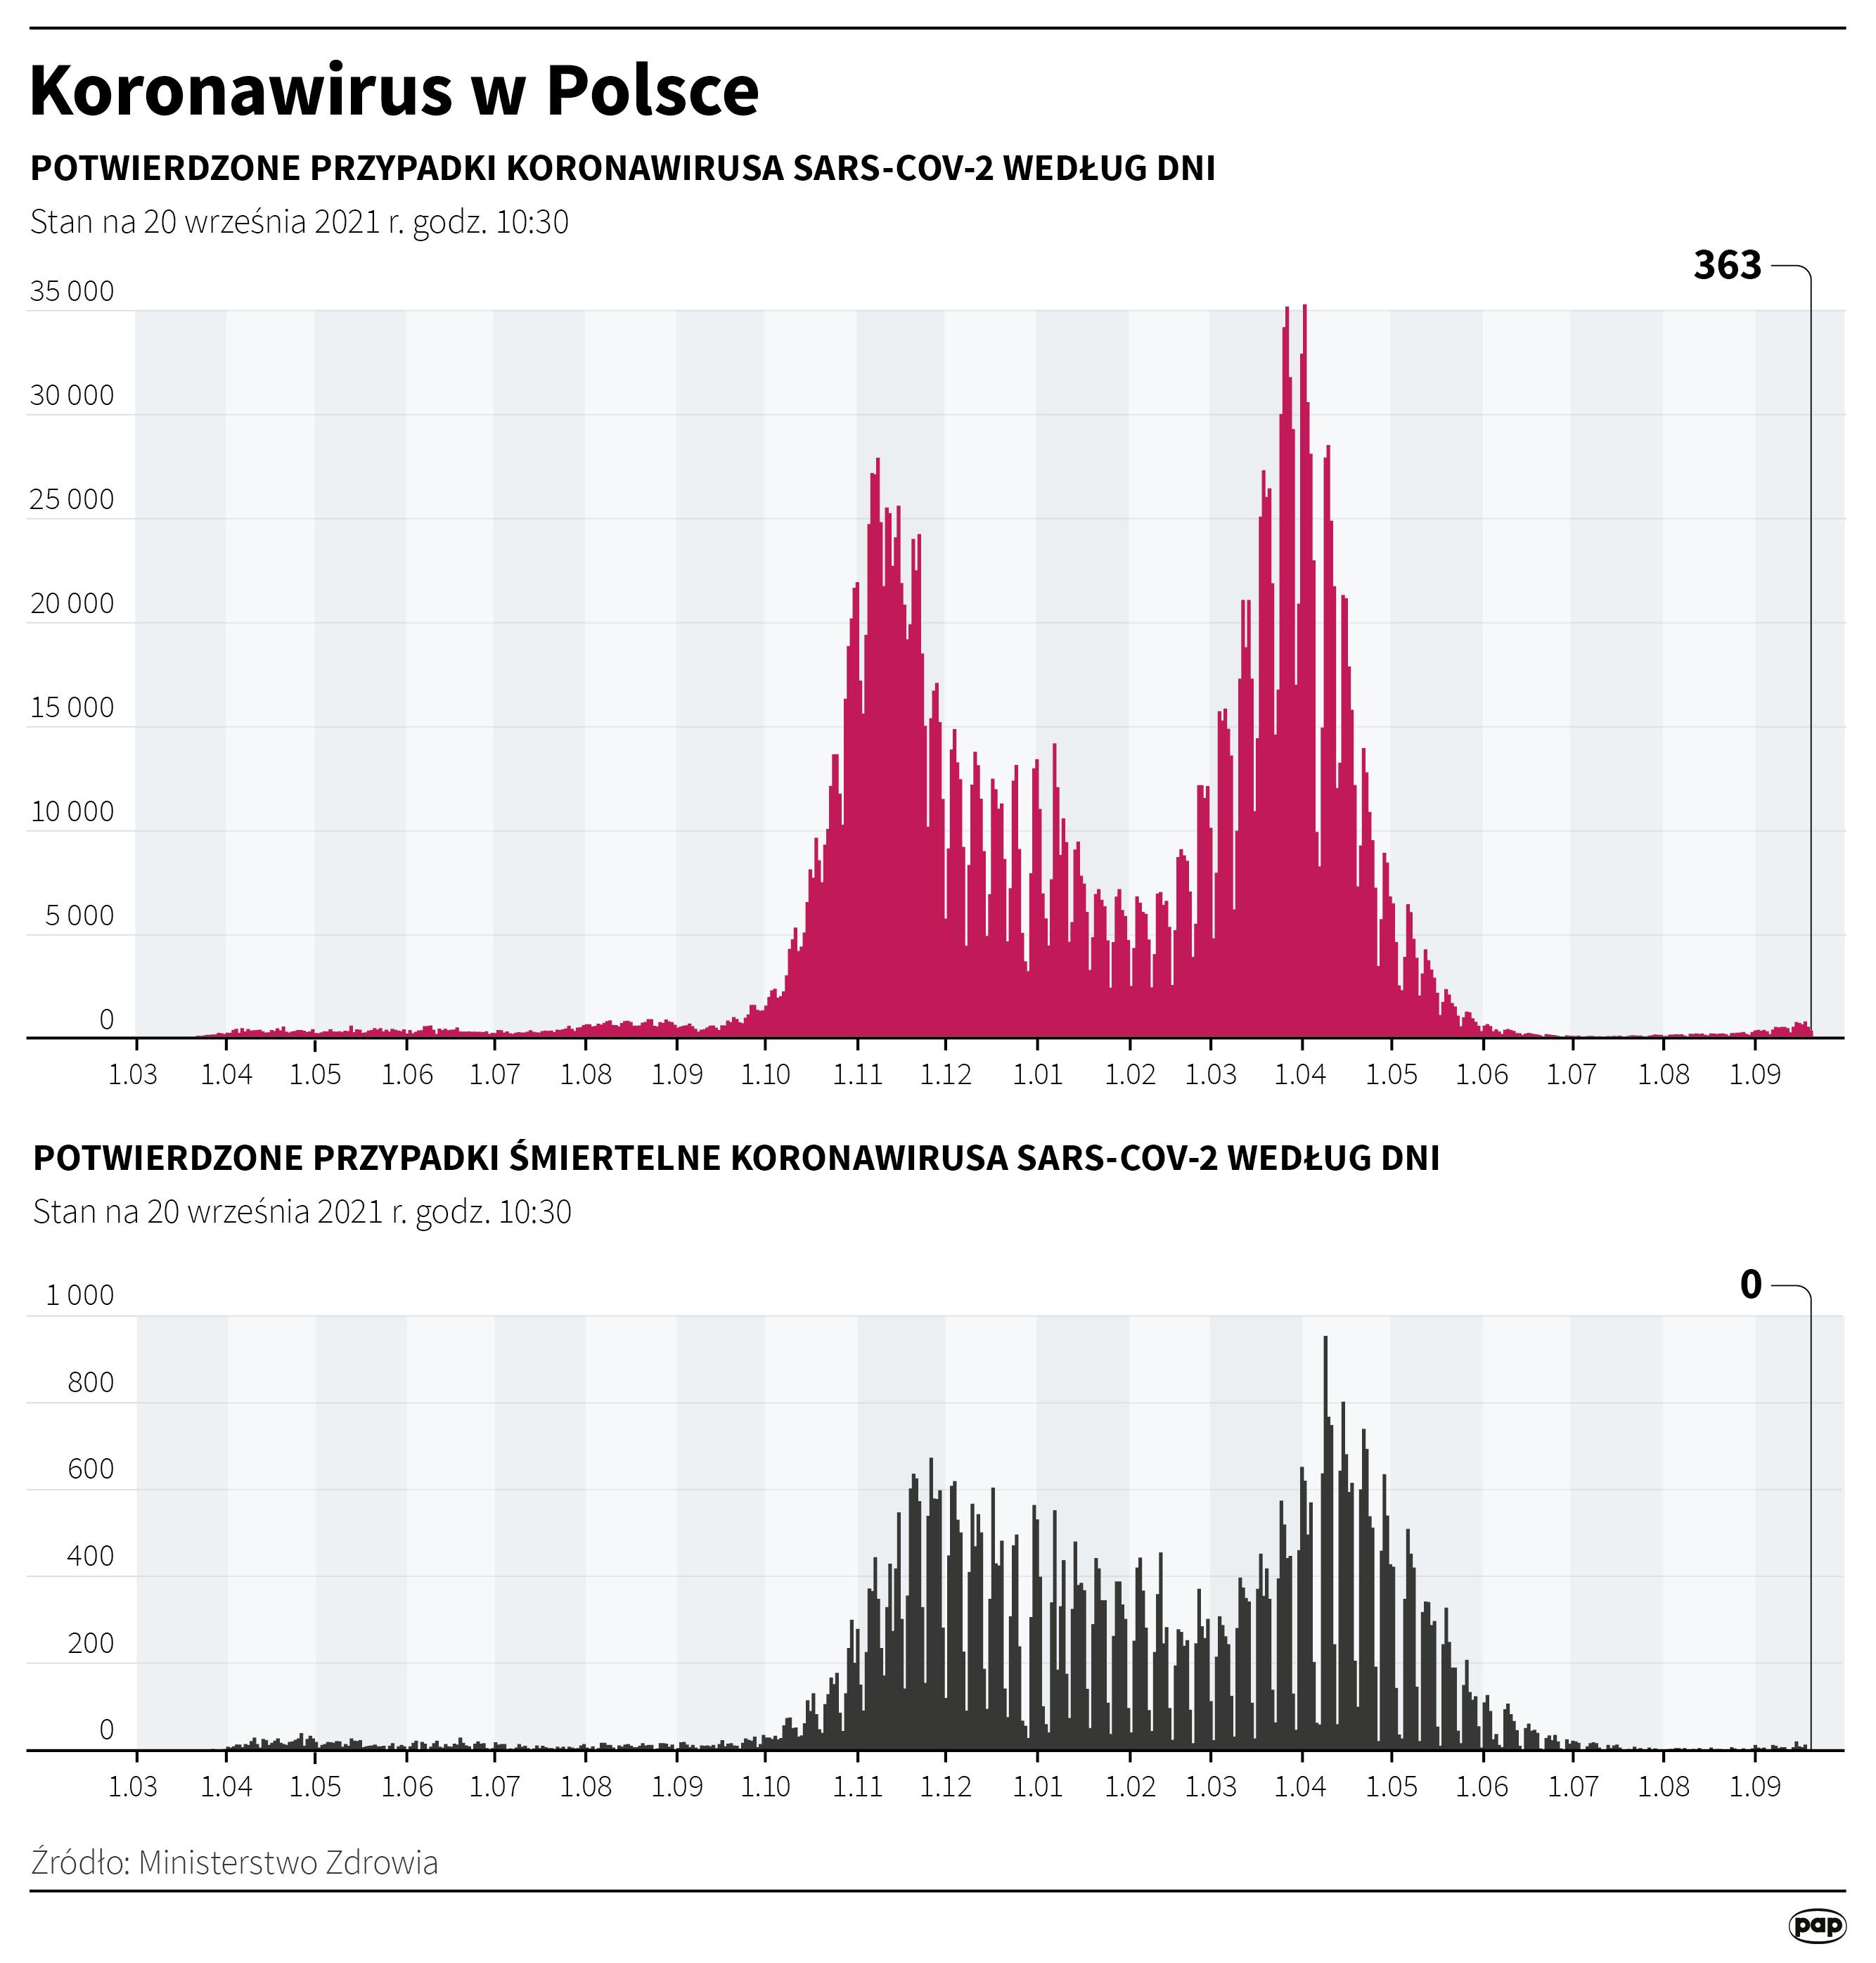 Koronawirus w Polsce - stan na 20 września [Autor: Maciej Zieliński, źródło: PAP]